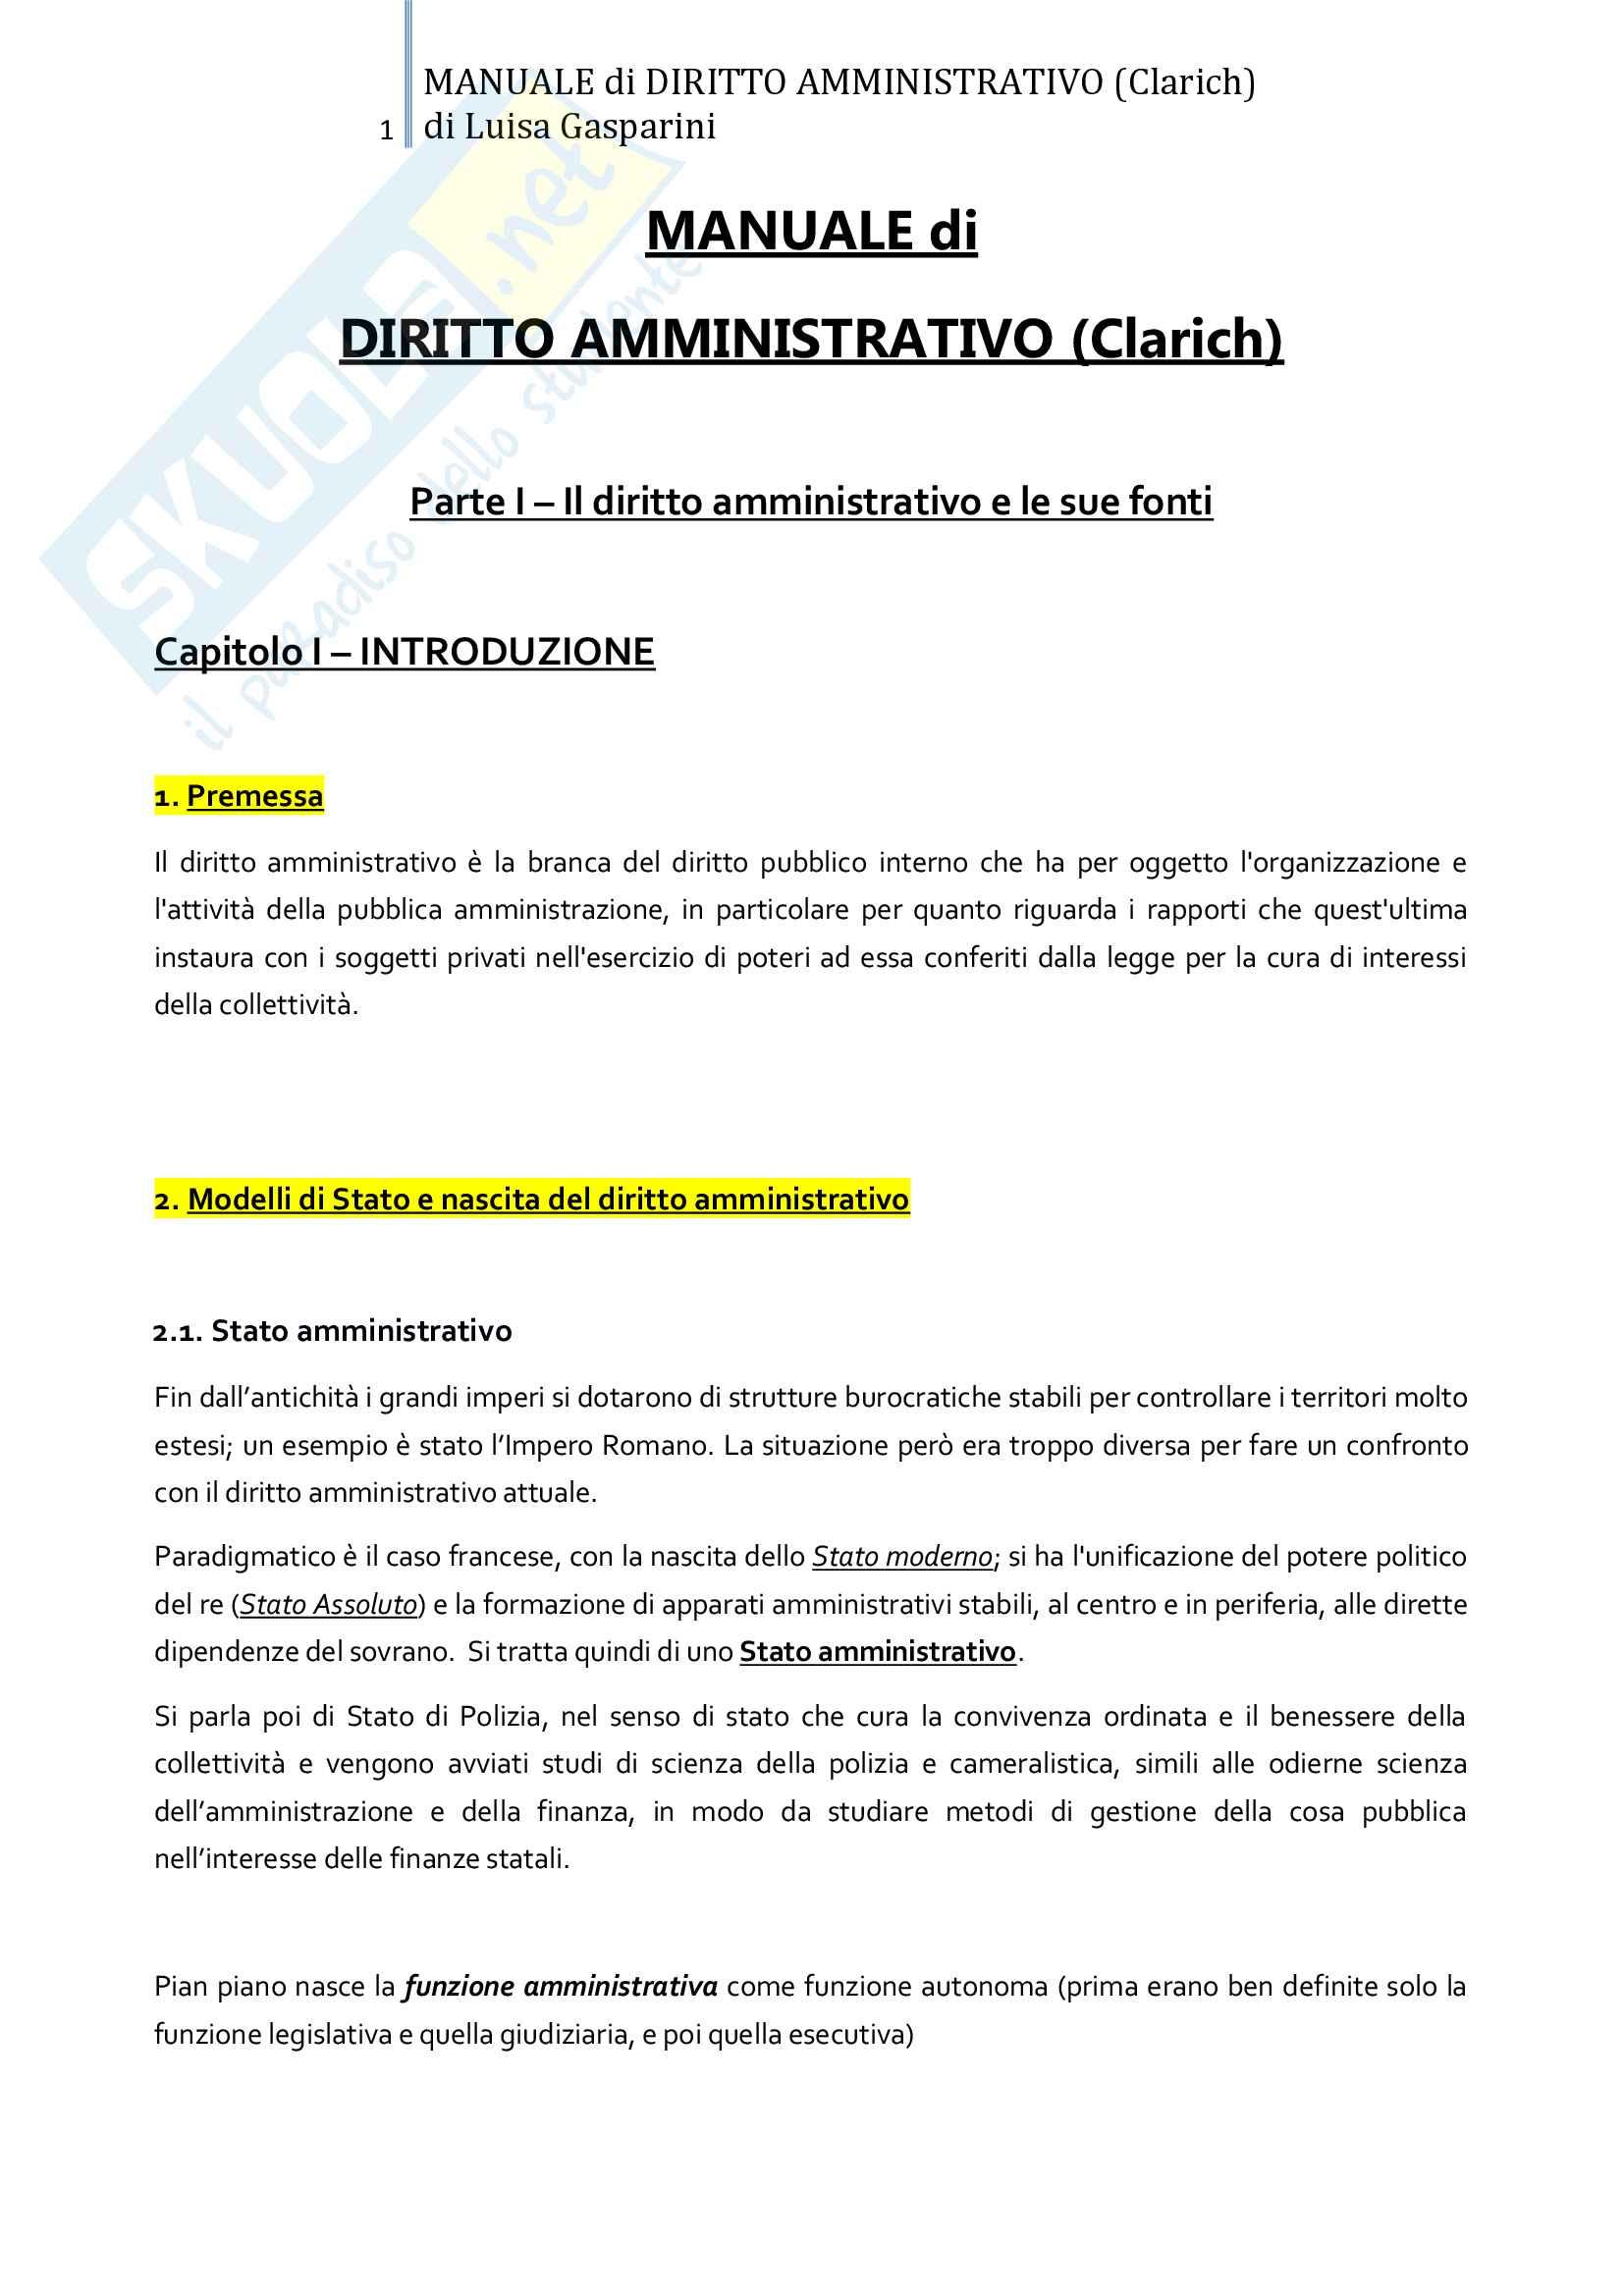 Riassunto esame Diritto amministrativo, professor Leonardi. Testo consigliato Manuale di Diritto Amministrativo, Clarich